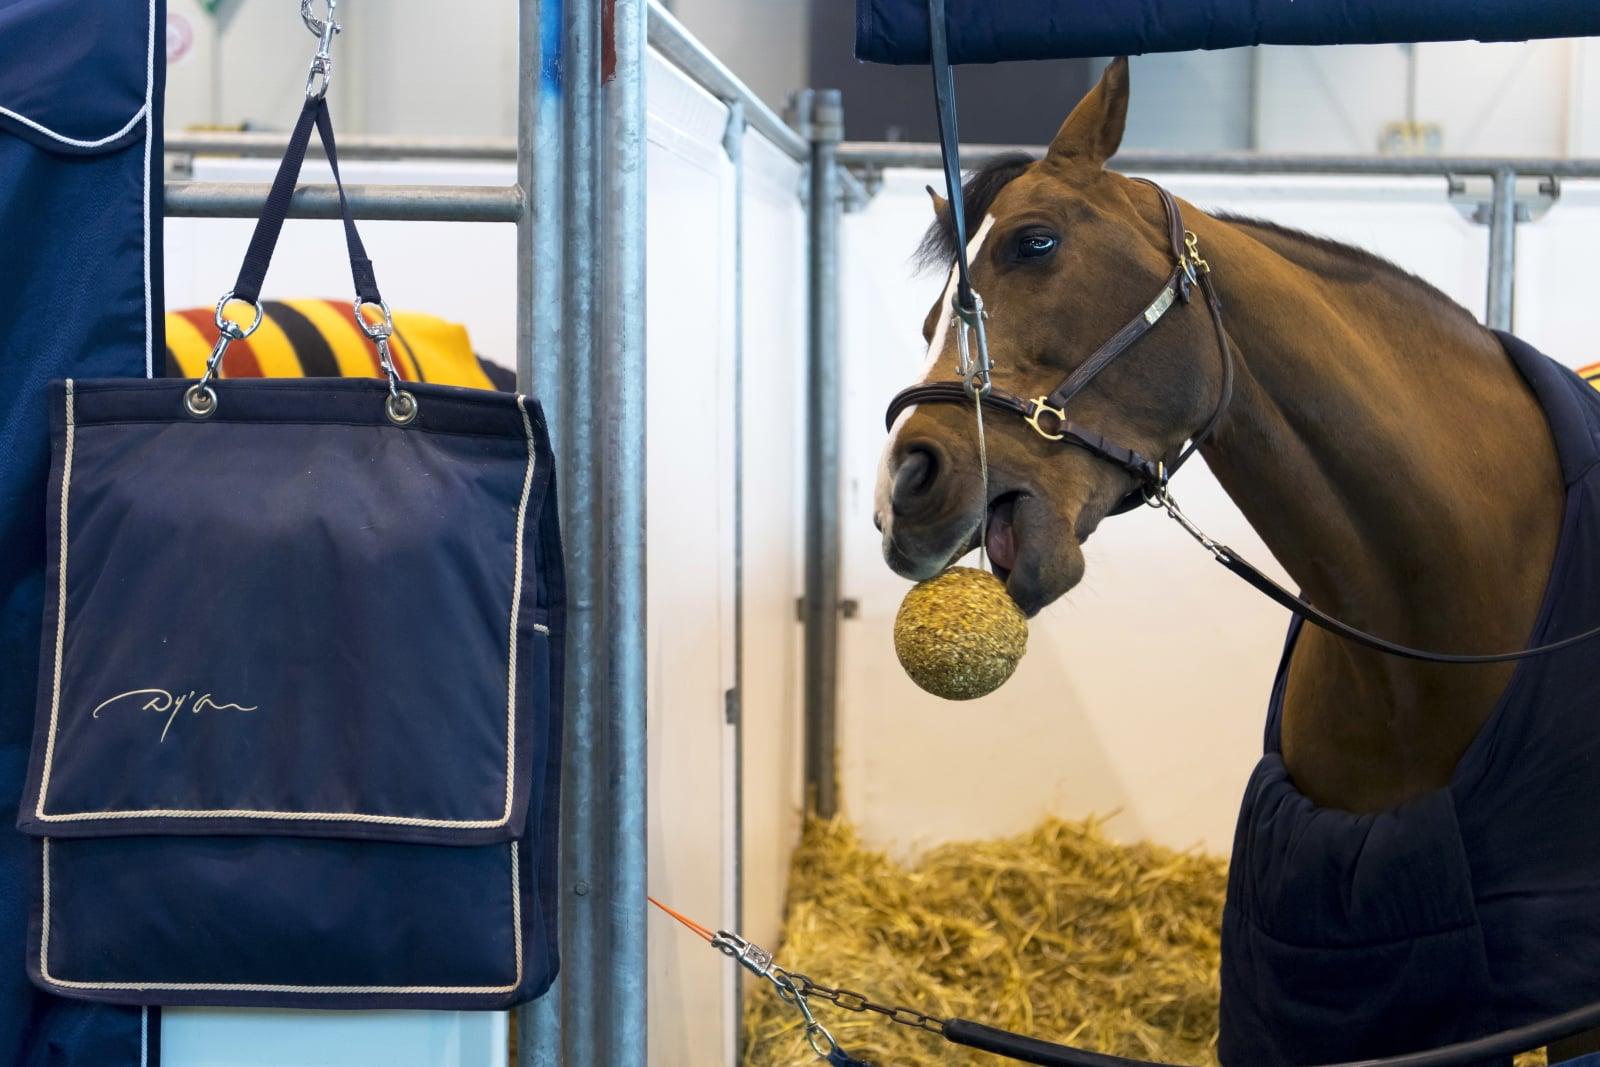 Koń Cristo w stajni podczas 58. Międzynarodowego Turnieju Skoków Konnych CHI w Genewie w Szwajcarii. Fot. PAP/EPA/LAURENT GILLIERON